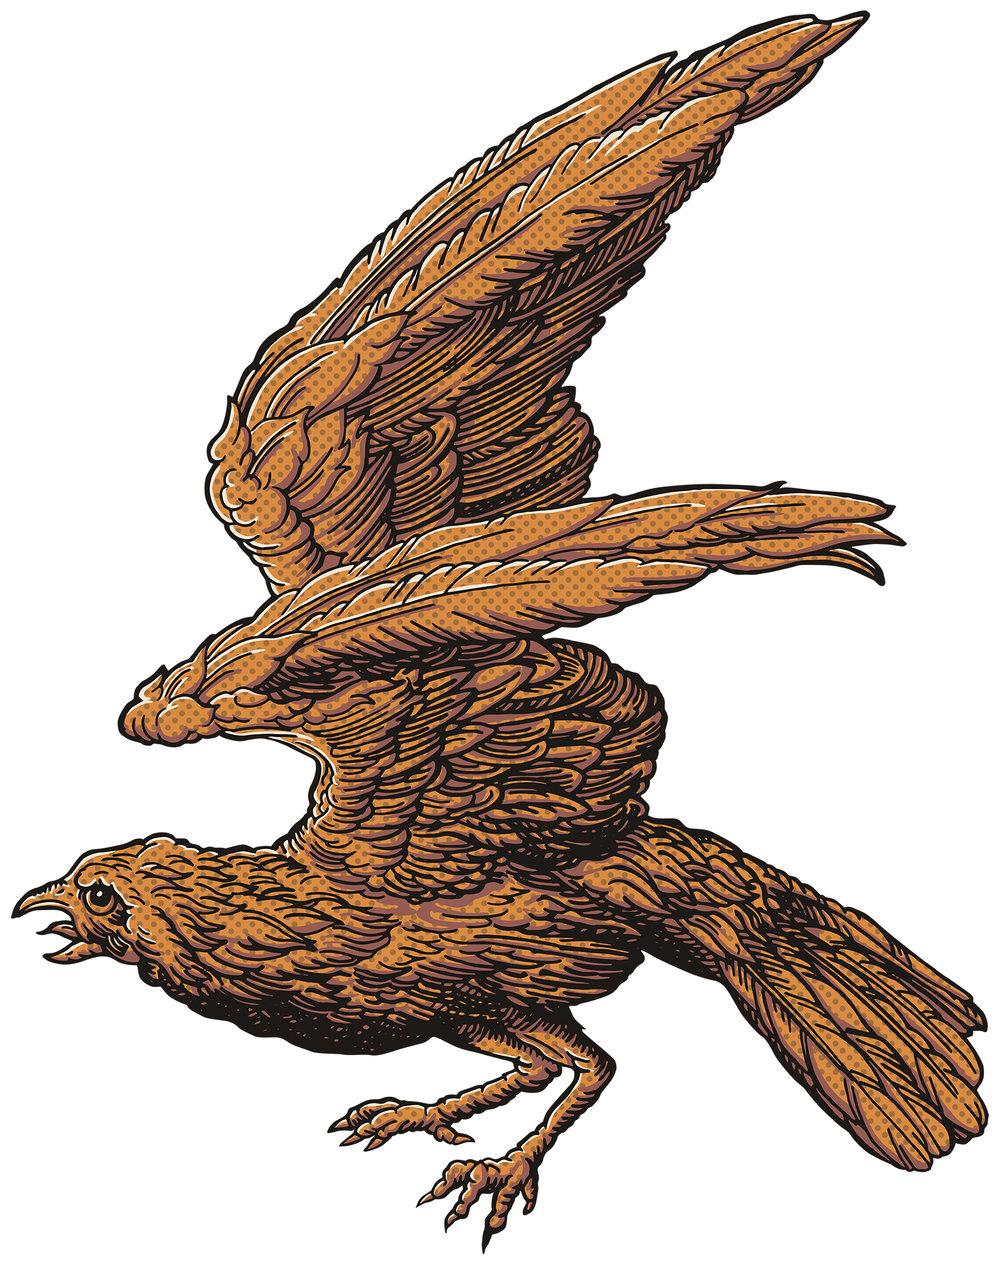 birdman_gold_BIRD_cut_web.jpg